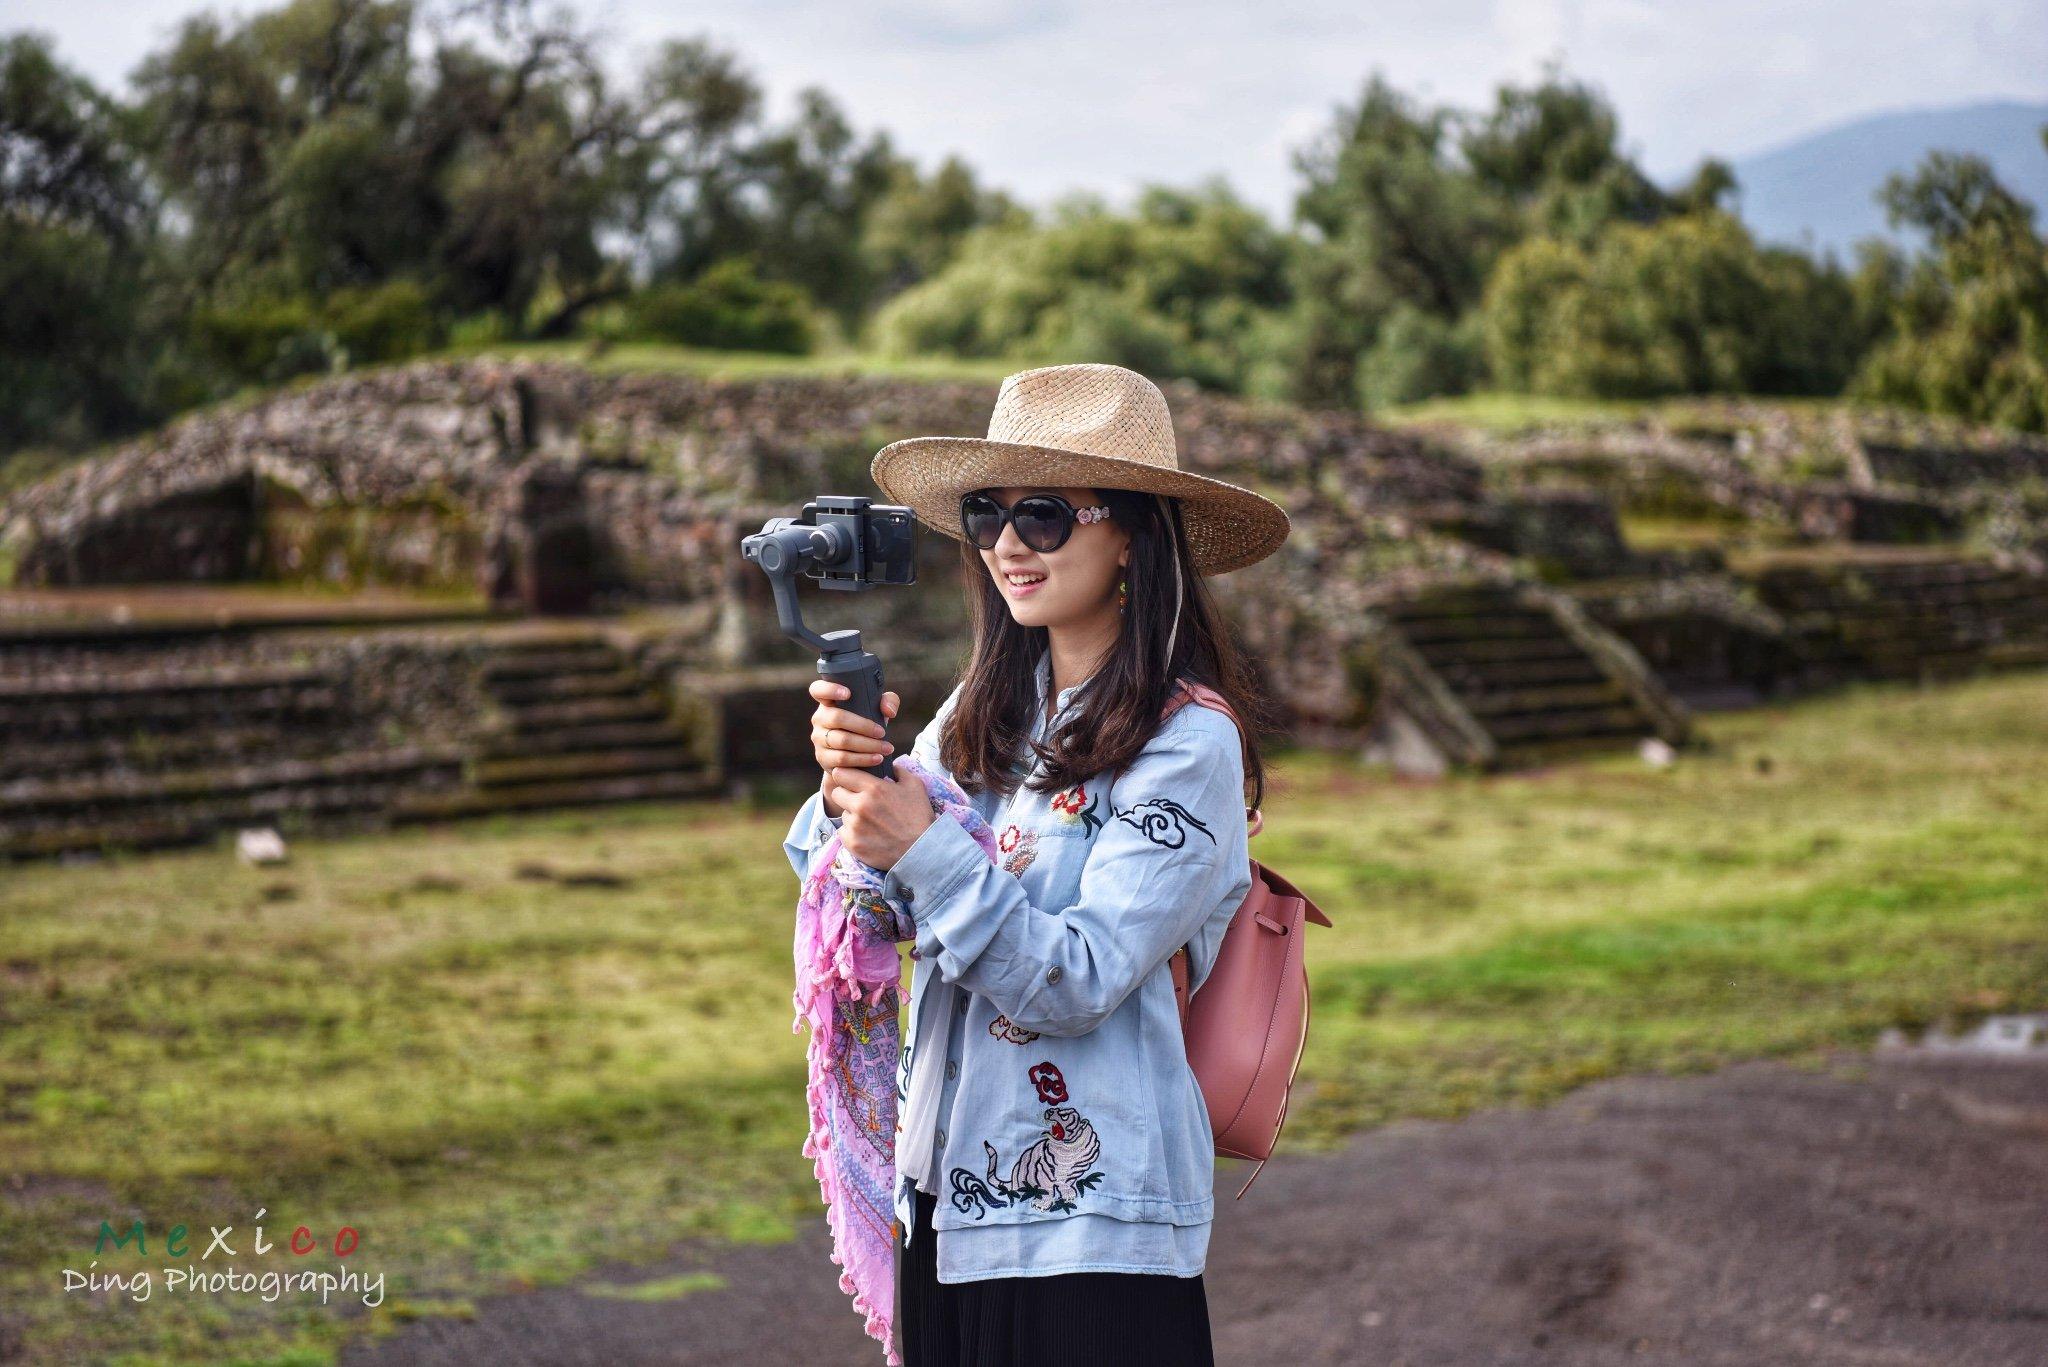 天堂还是梦境?在墨西哥的十天九夜 --- 玛雅文化,彩色山城,粉红湖,加勒比海